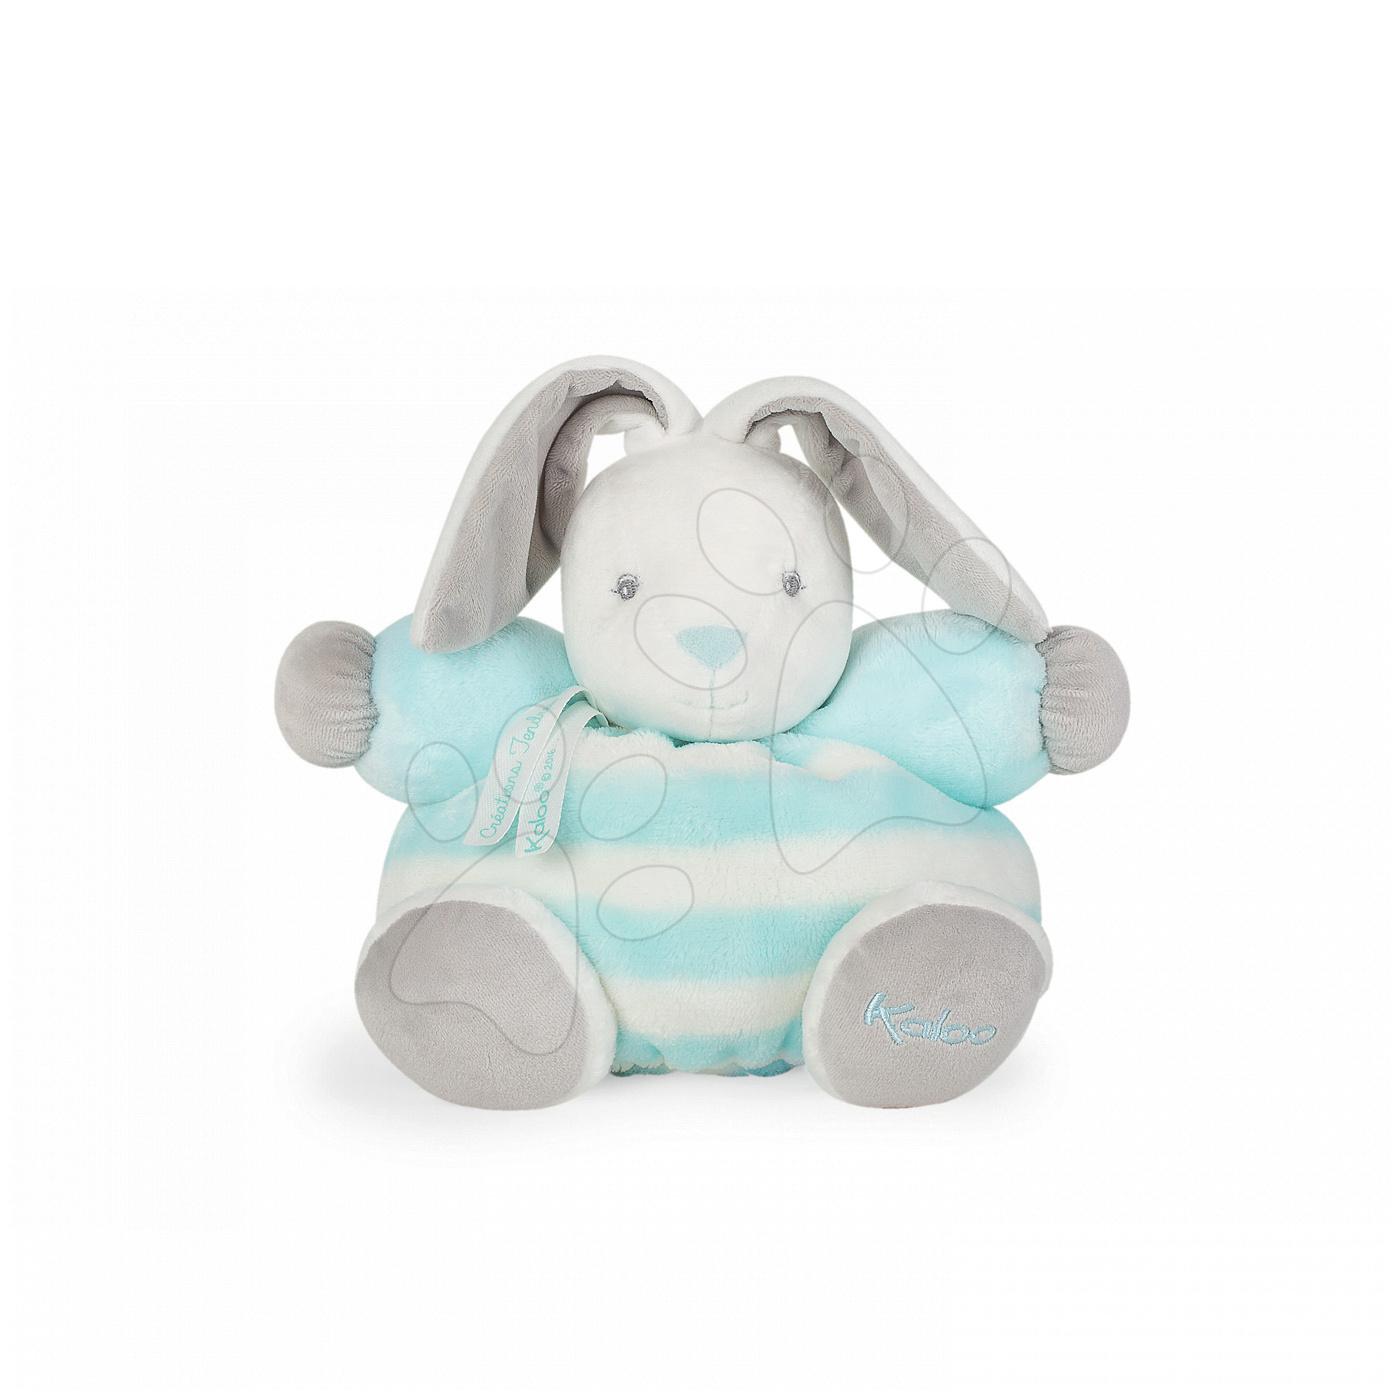 Plyšový zajíček BeBe Pastel Chubby Kaloo 25 cm v dárkovém balení tyrkysově-krémový